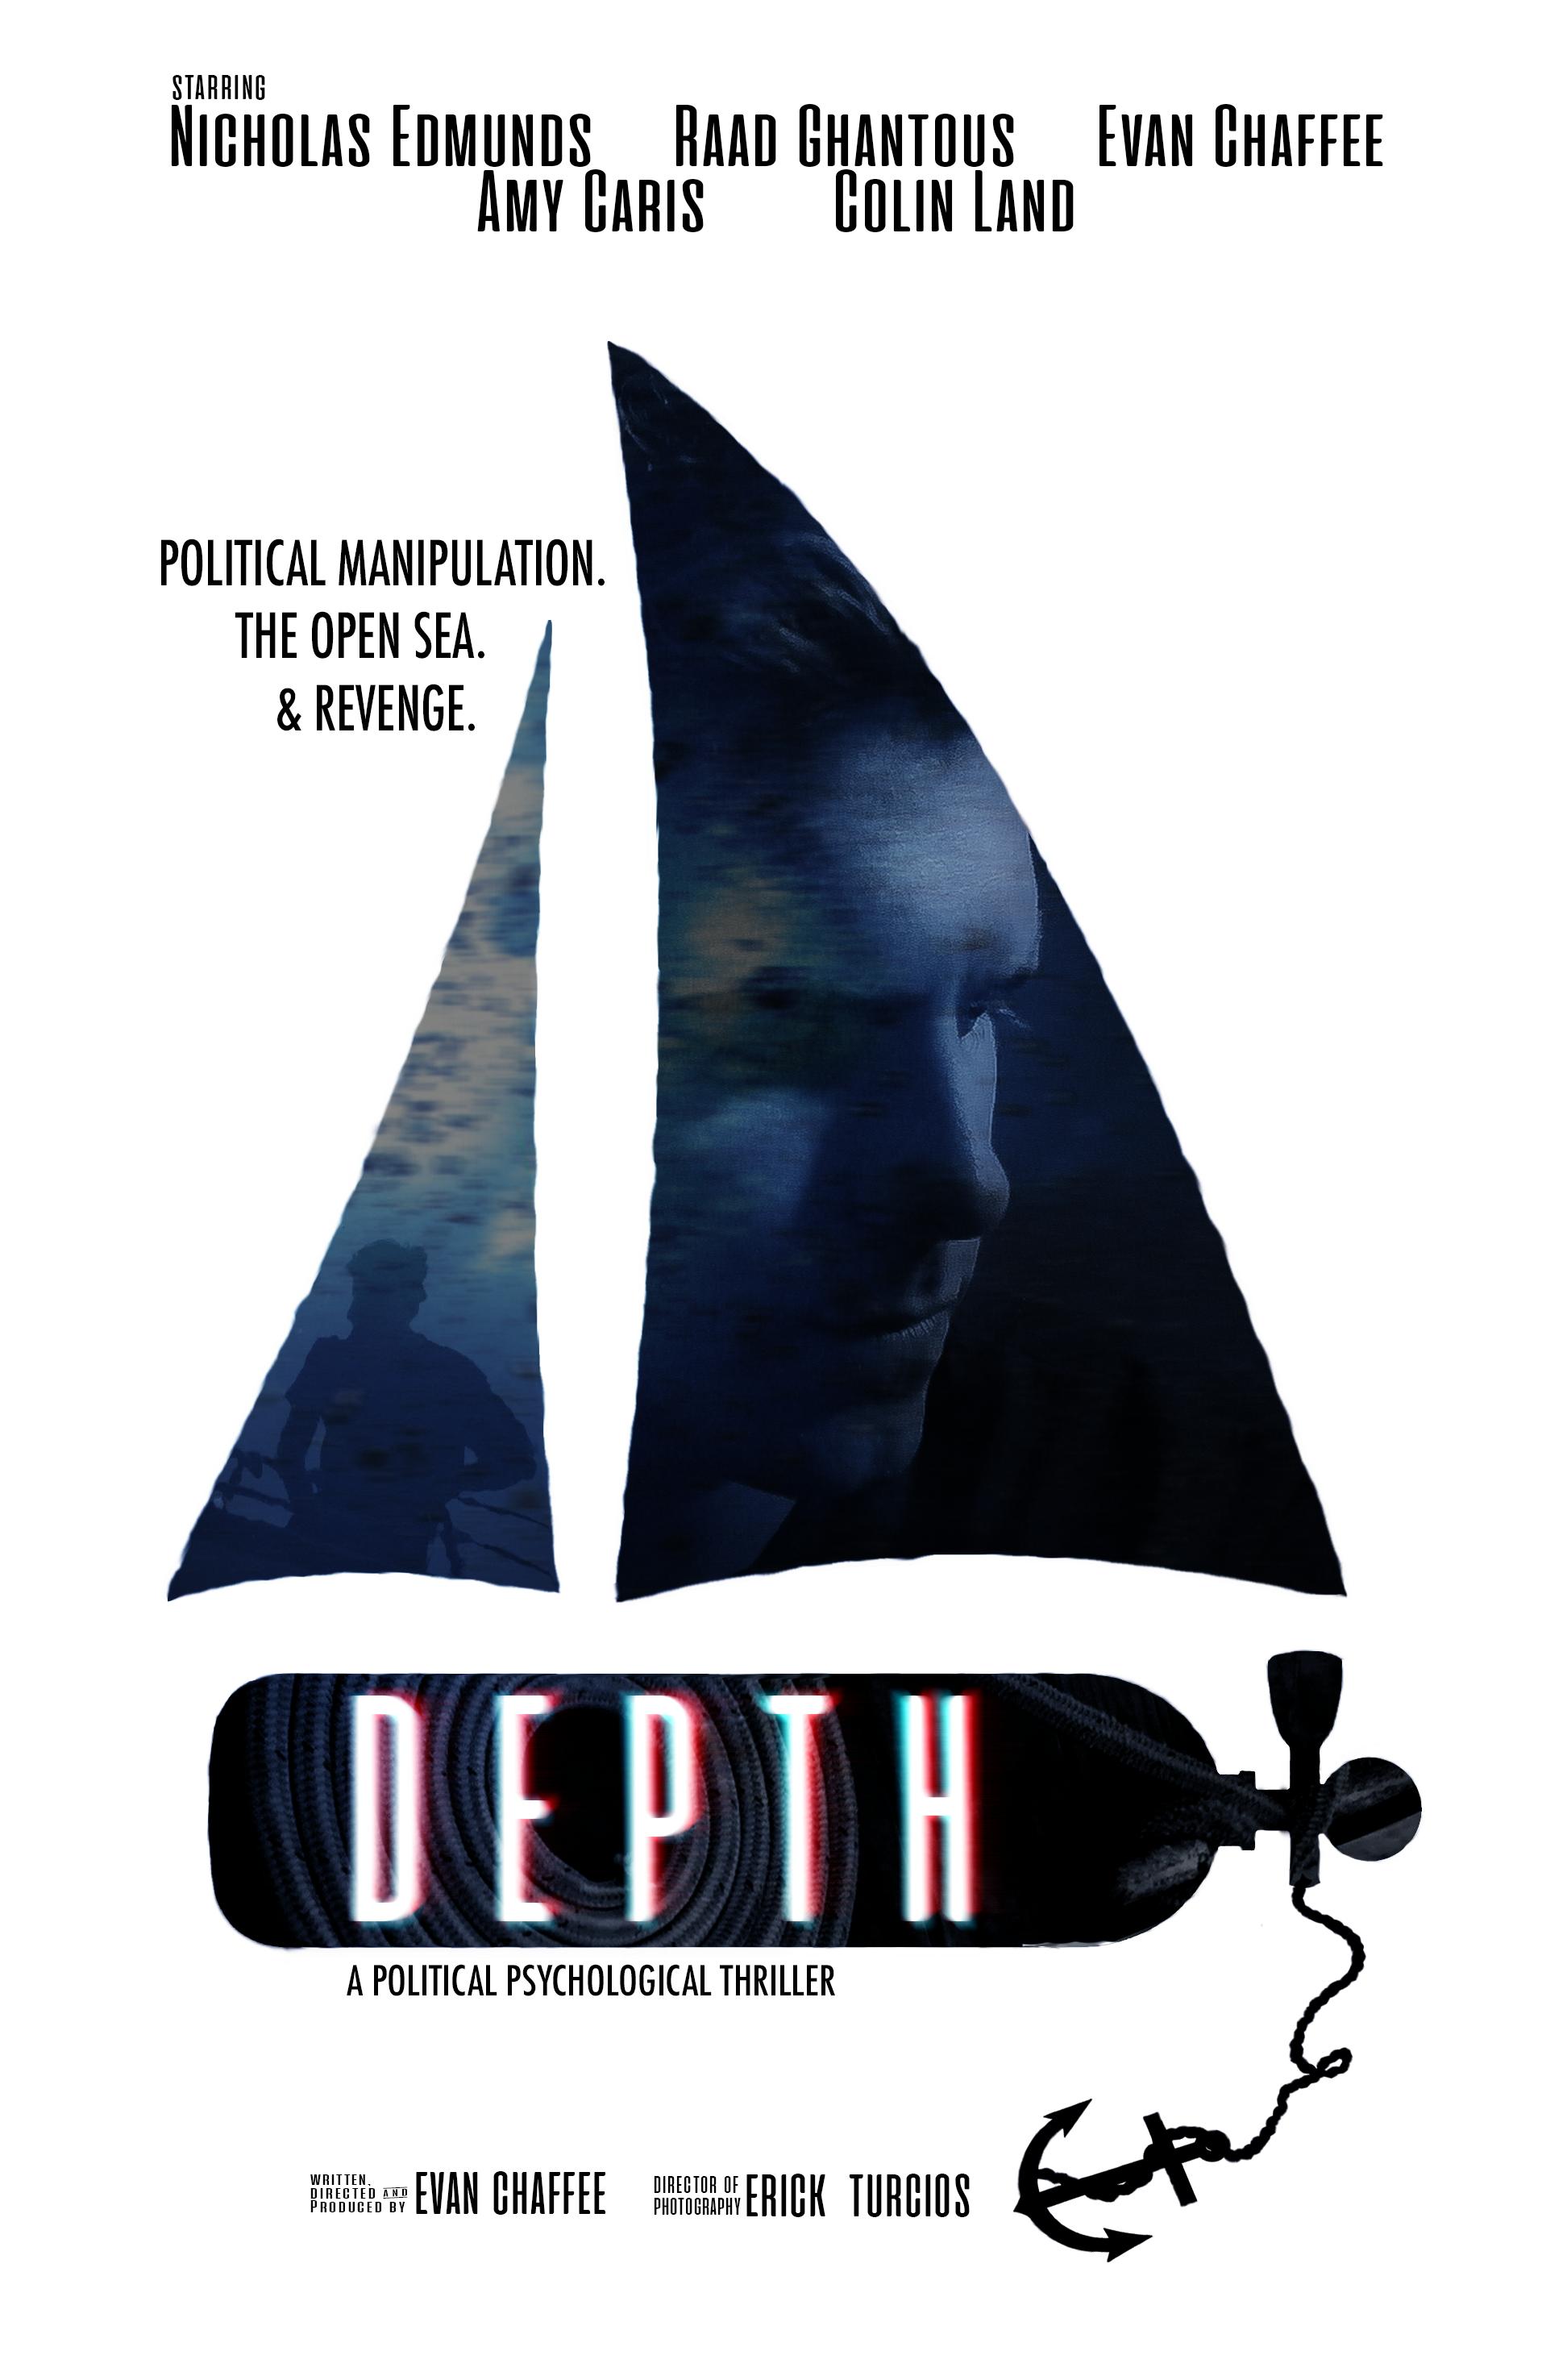 DEPTH - A Political Psychological Thriller